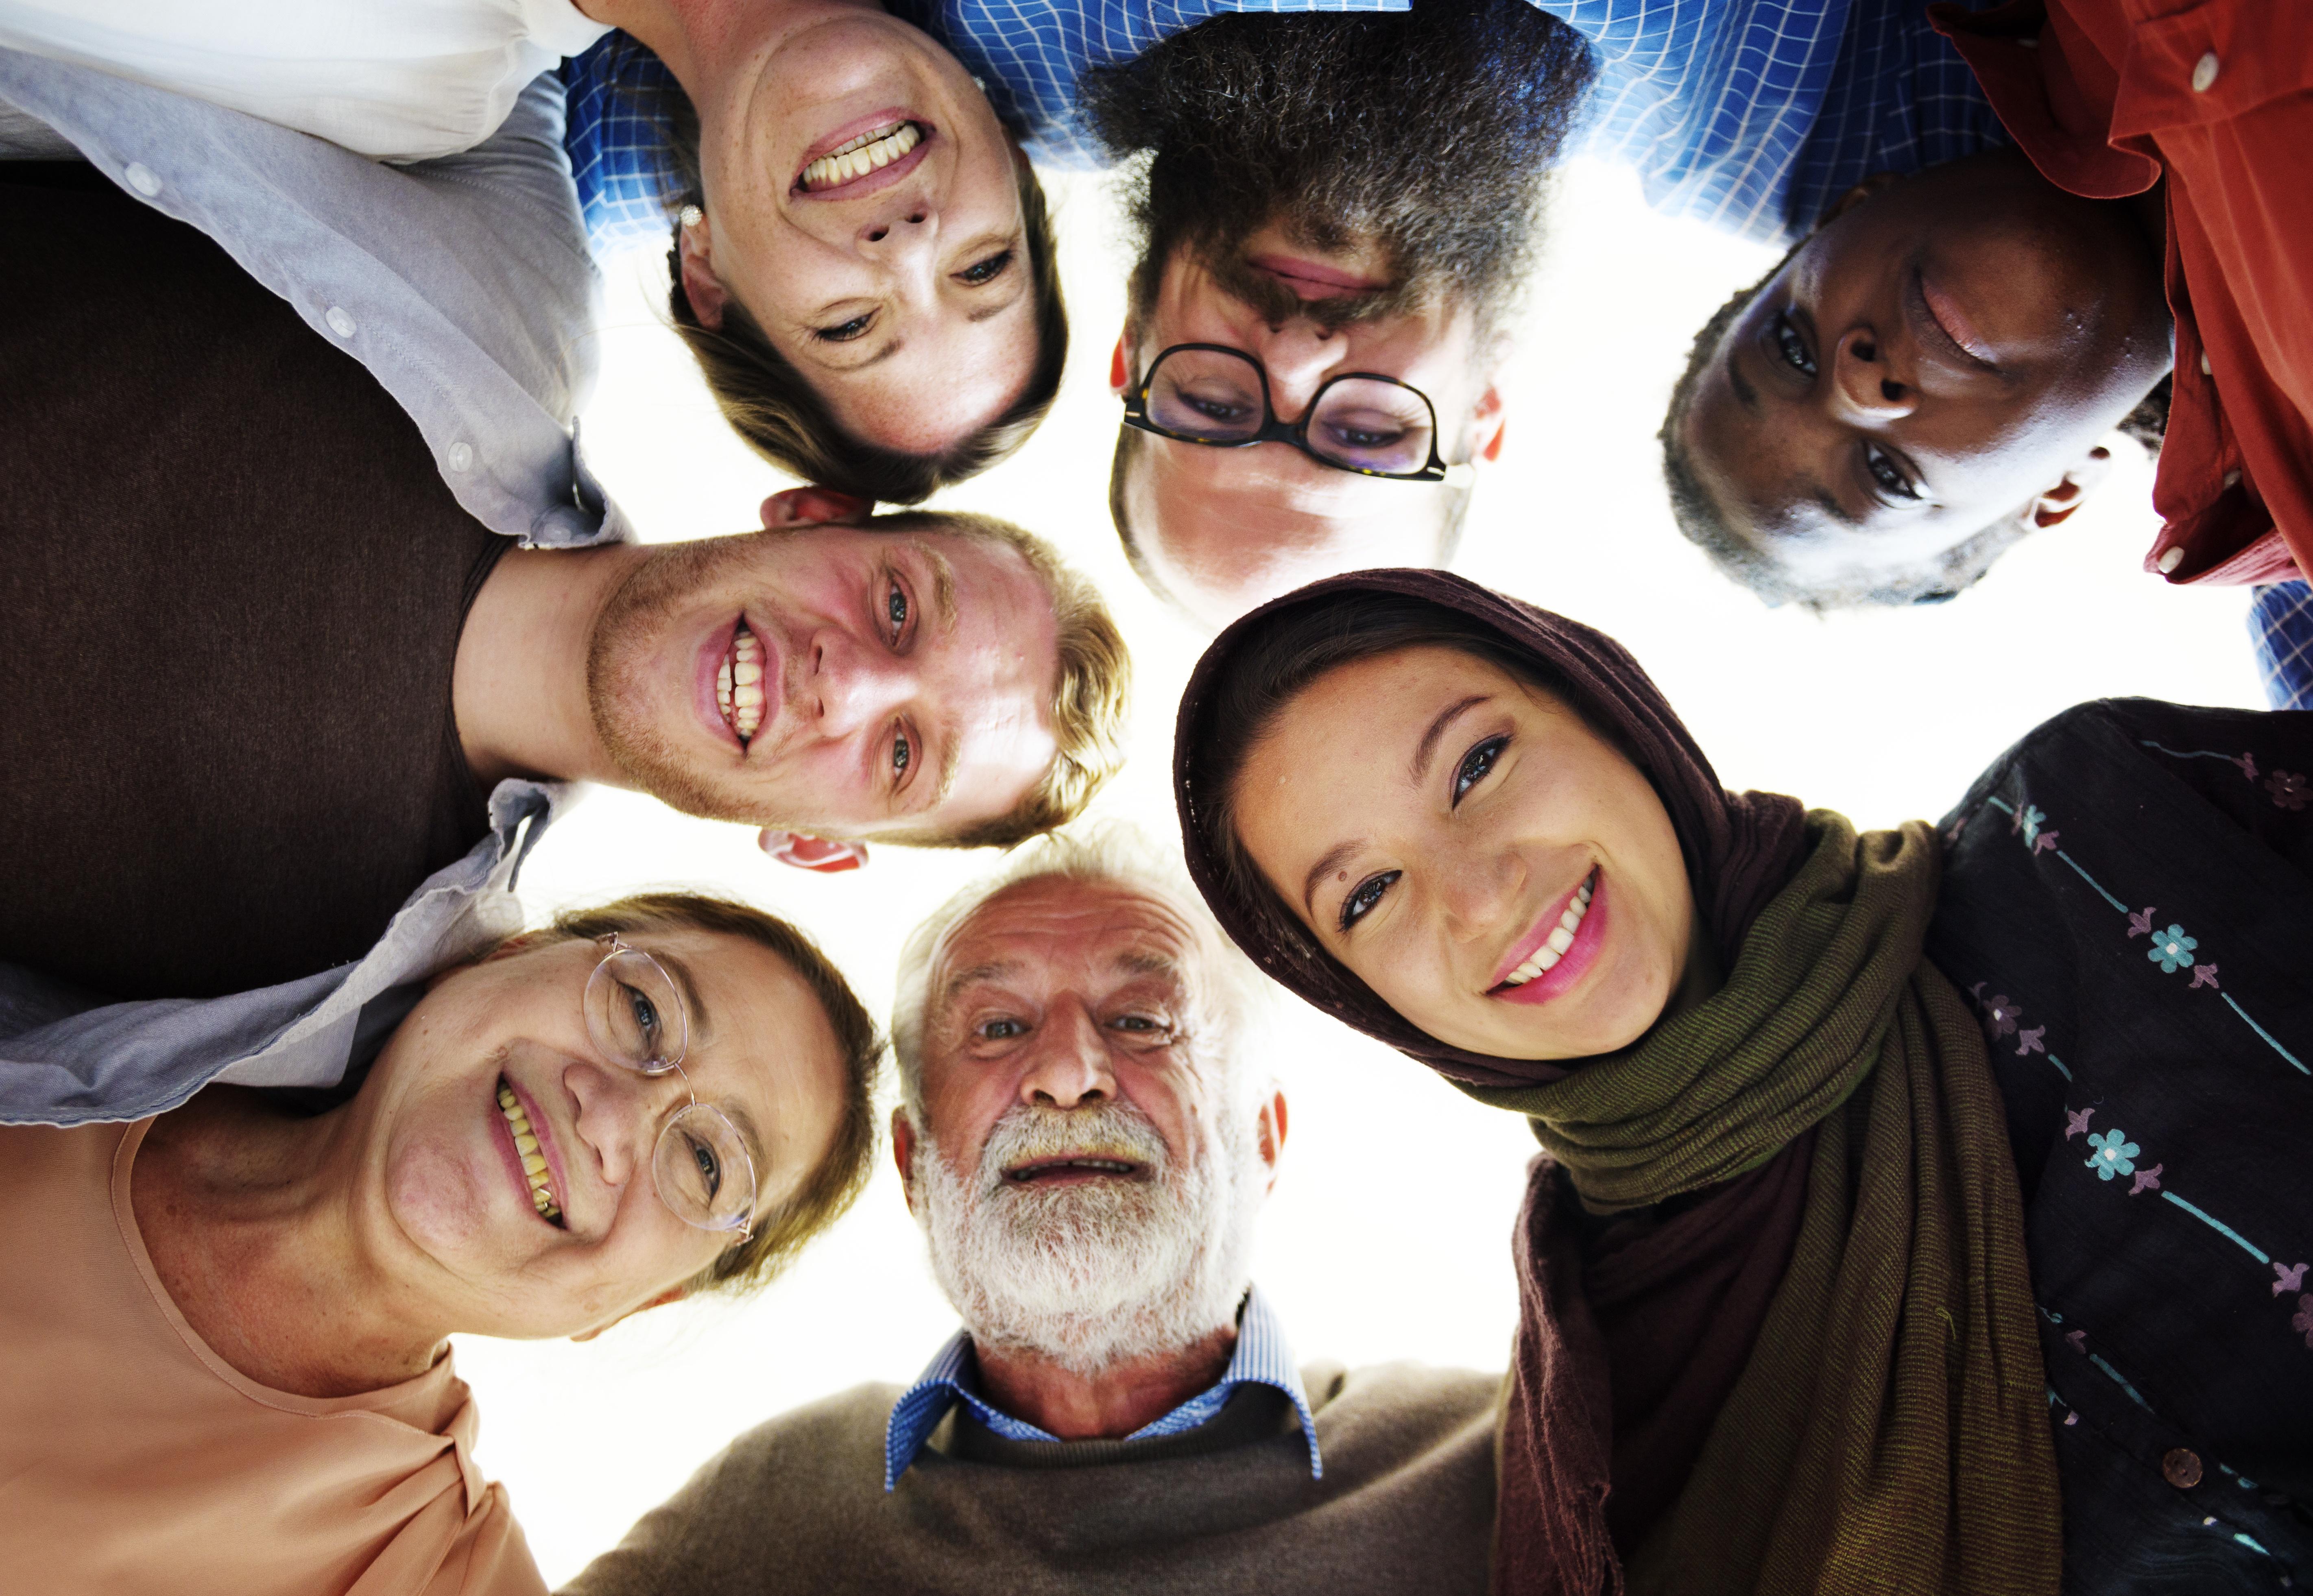 MK multicultural blog post